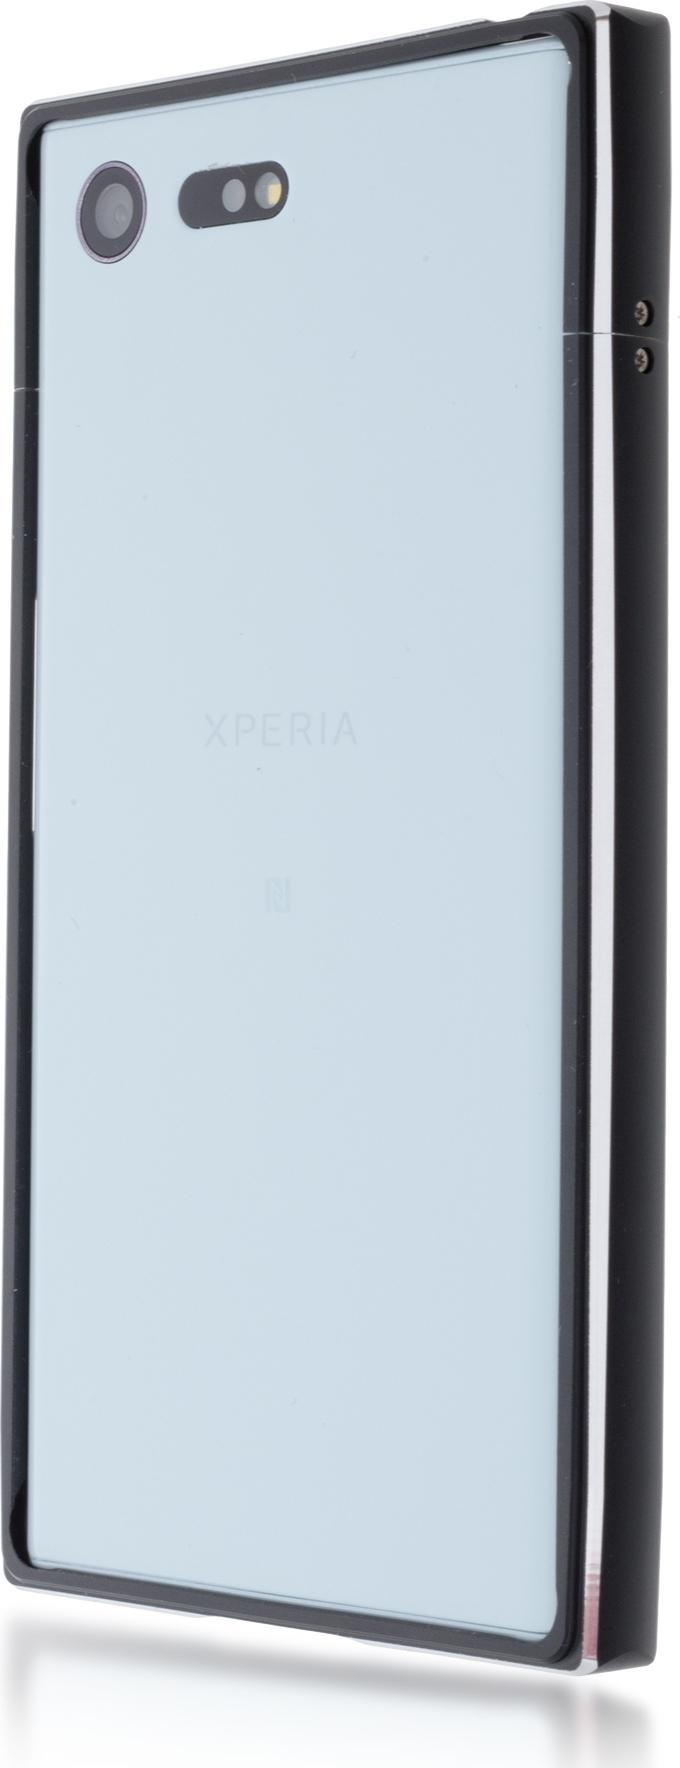 Чехол Brosco BMP для Sony Xperia X Compact, черный чехол для sony i4213 xperia 10 plus brosco силиконовая накладка черный